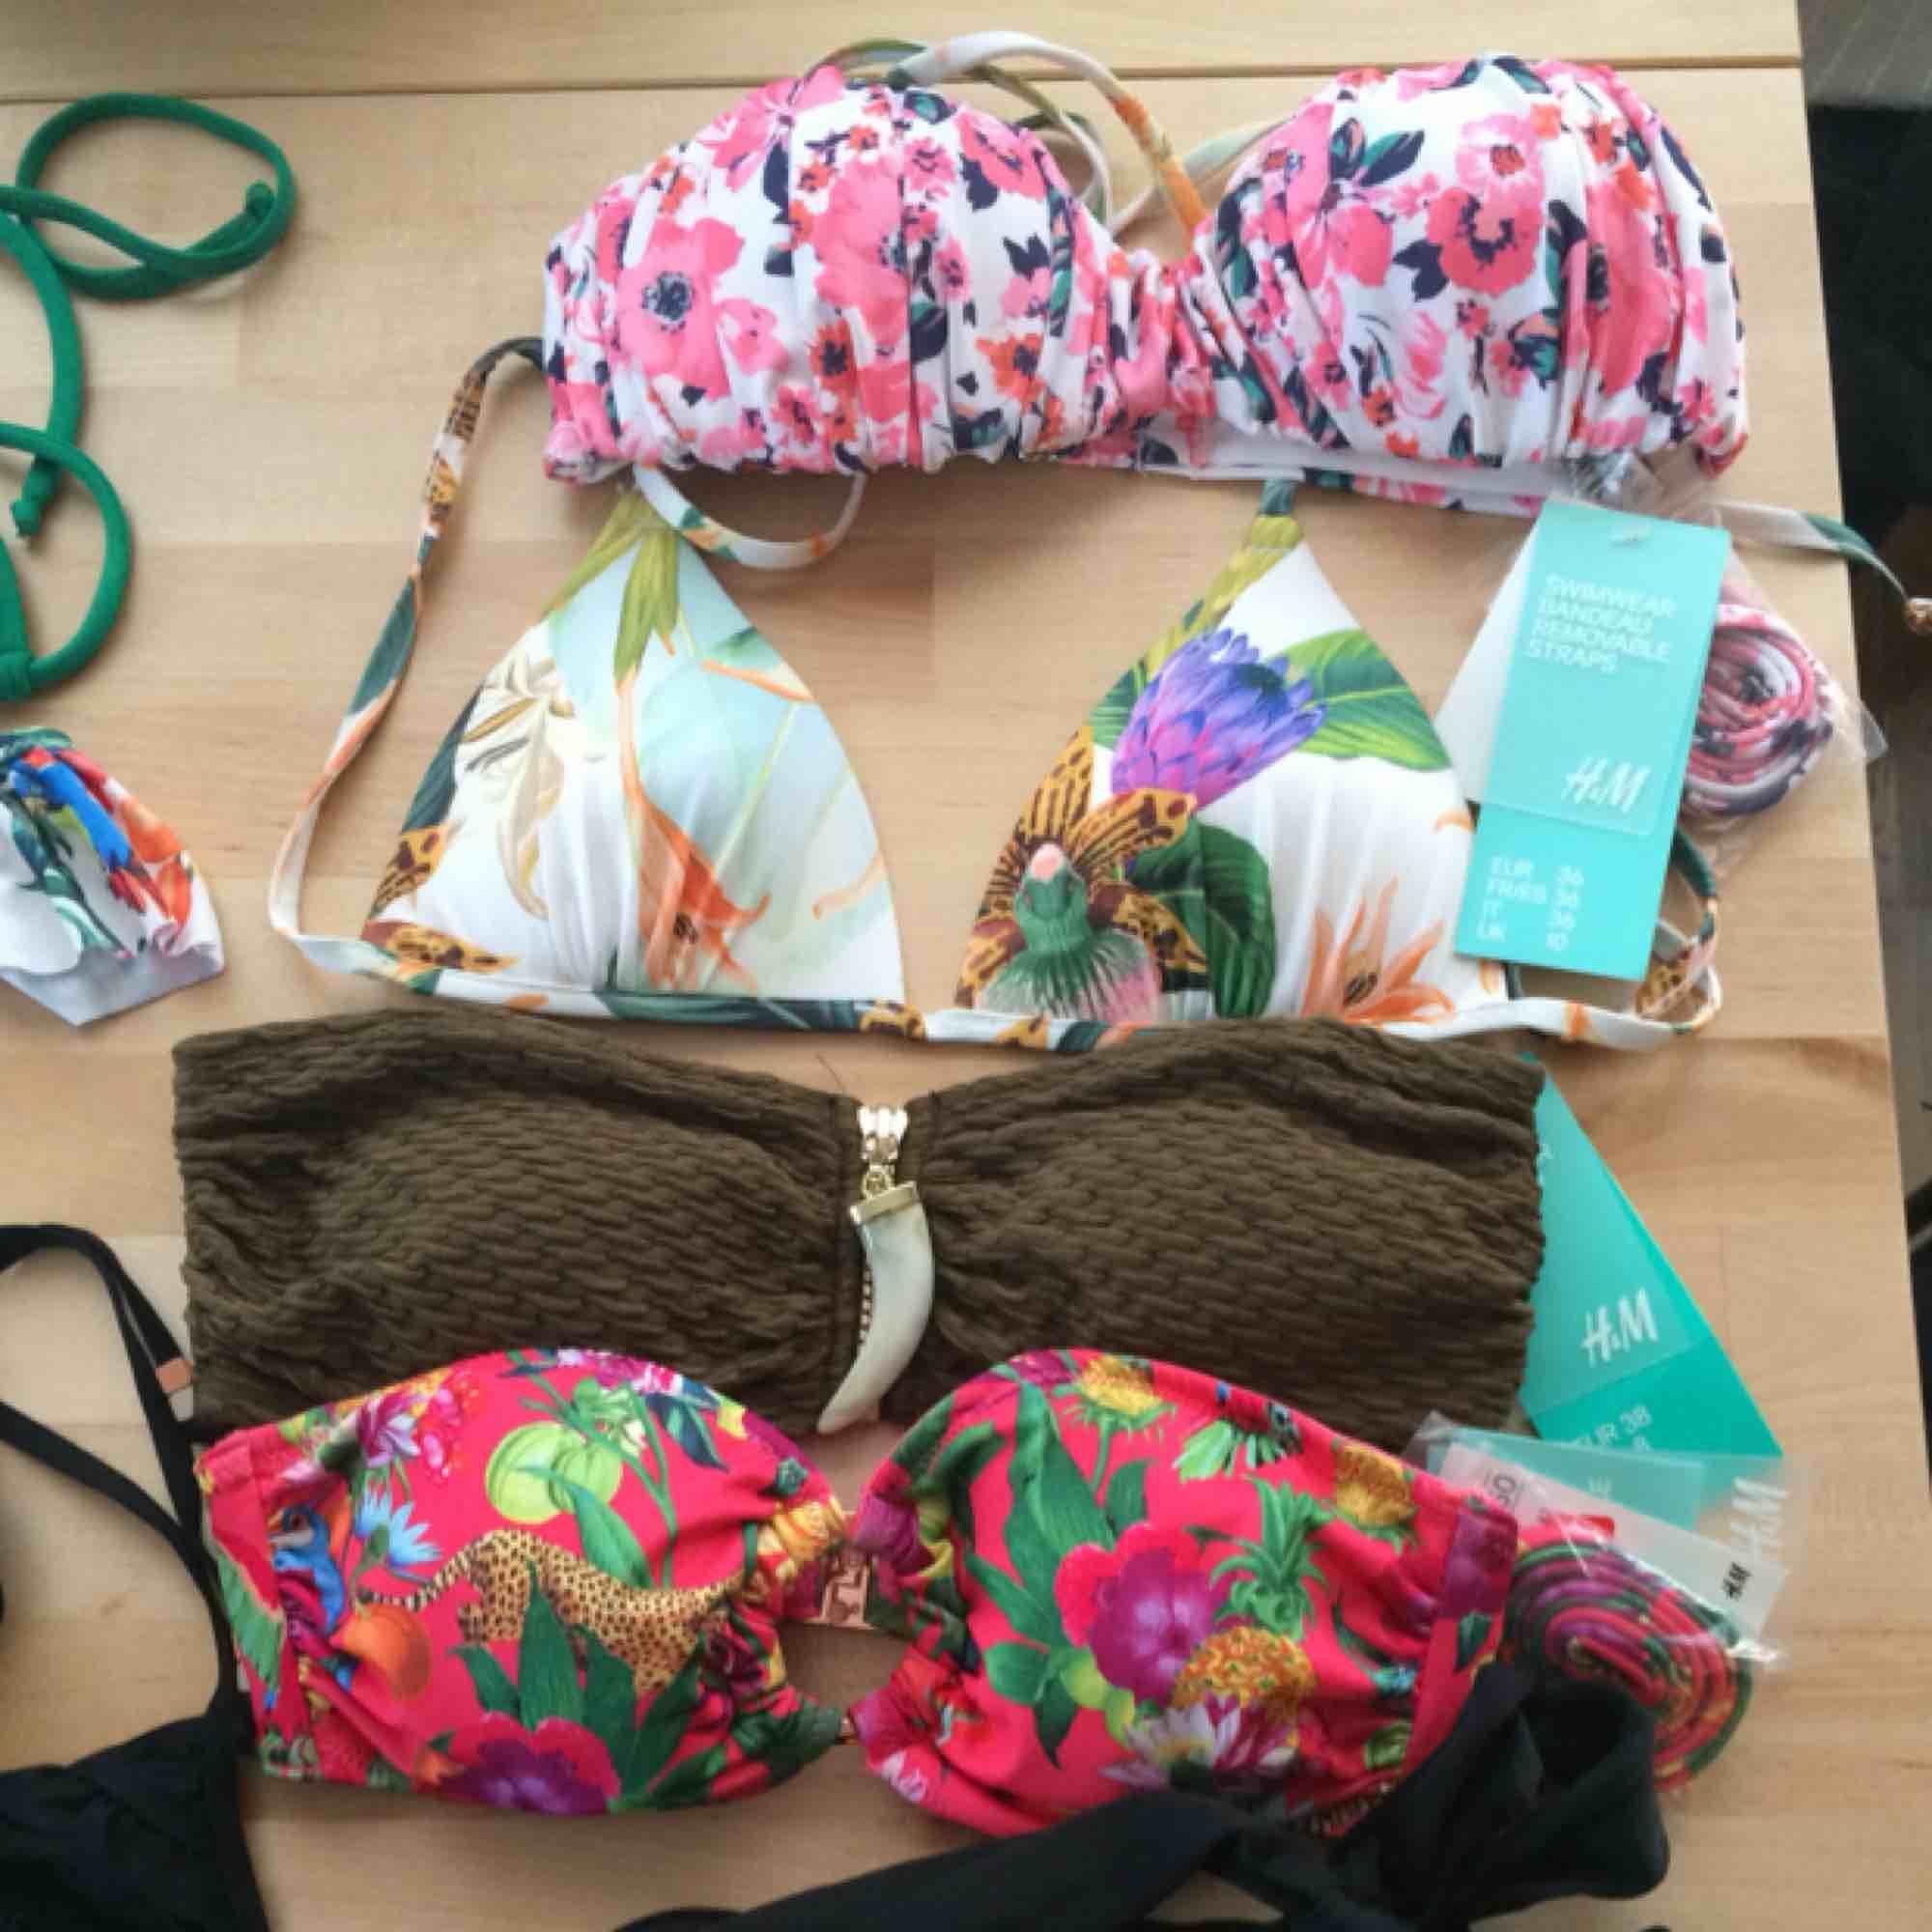 Diverse bikiniöverdelar och underdelar (oanvända) i olika storlekar: S, 34, 36, M, 75B. Säljes FRÅN 45 kr.. Övrigt.